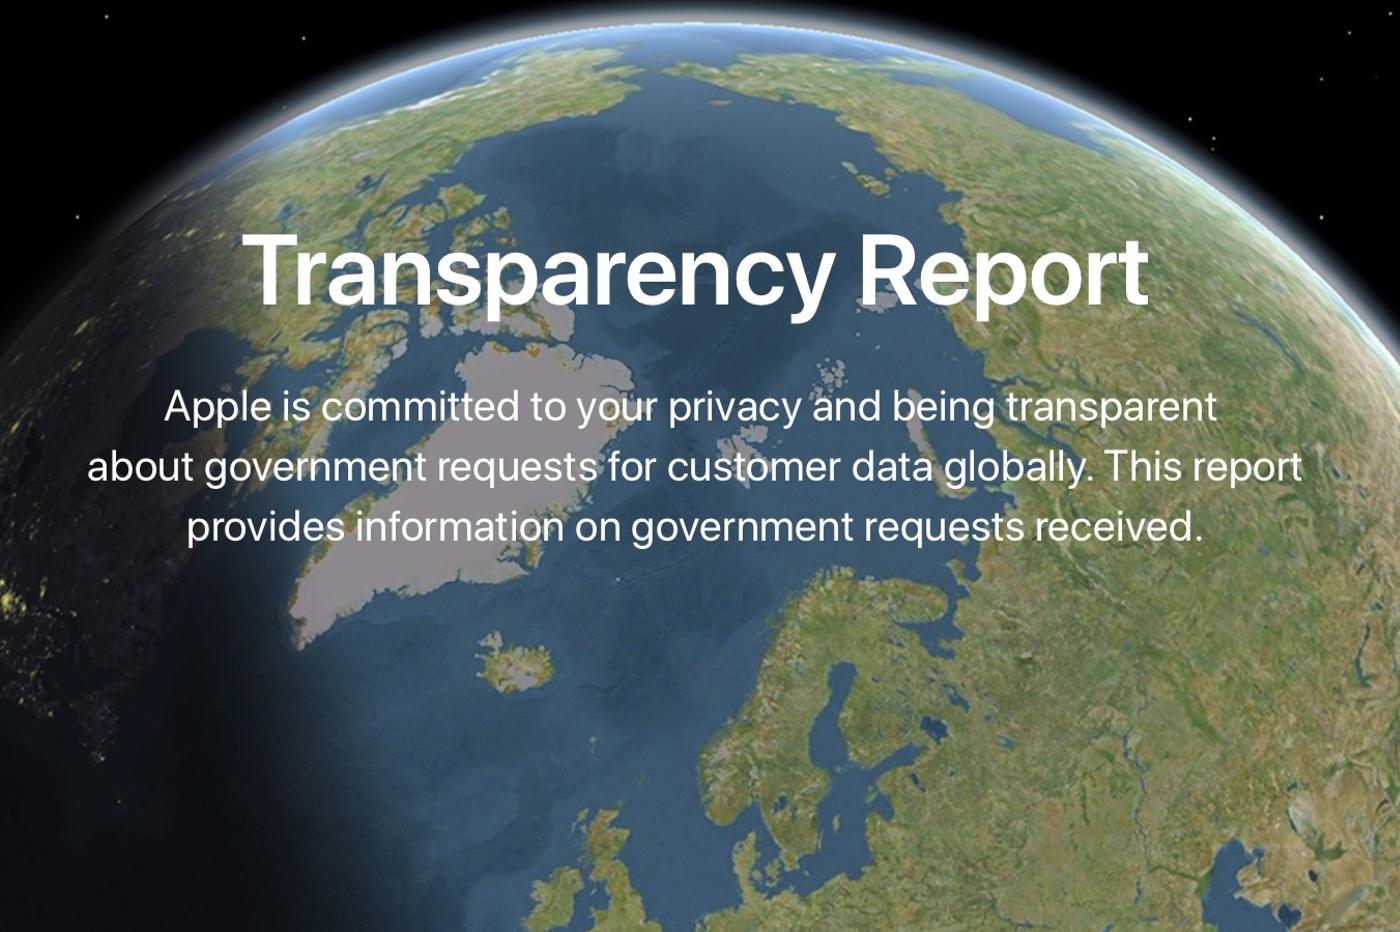 Le rapport semi-annuel d'Apple sur les demandes gouvernementales en France 1